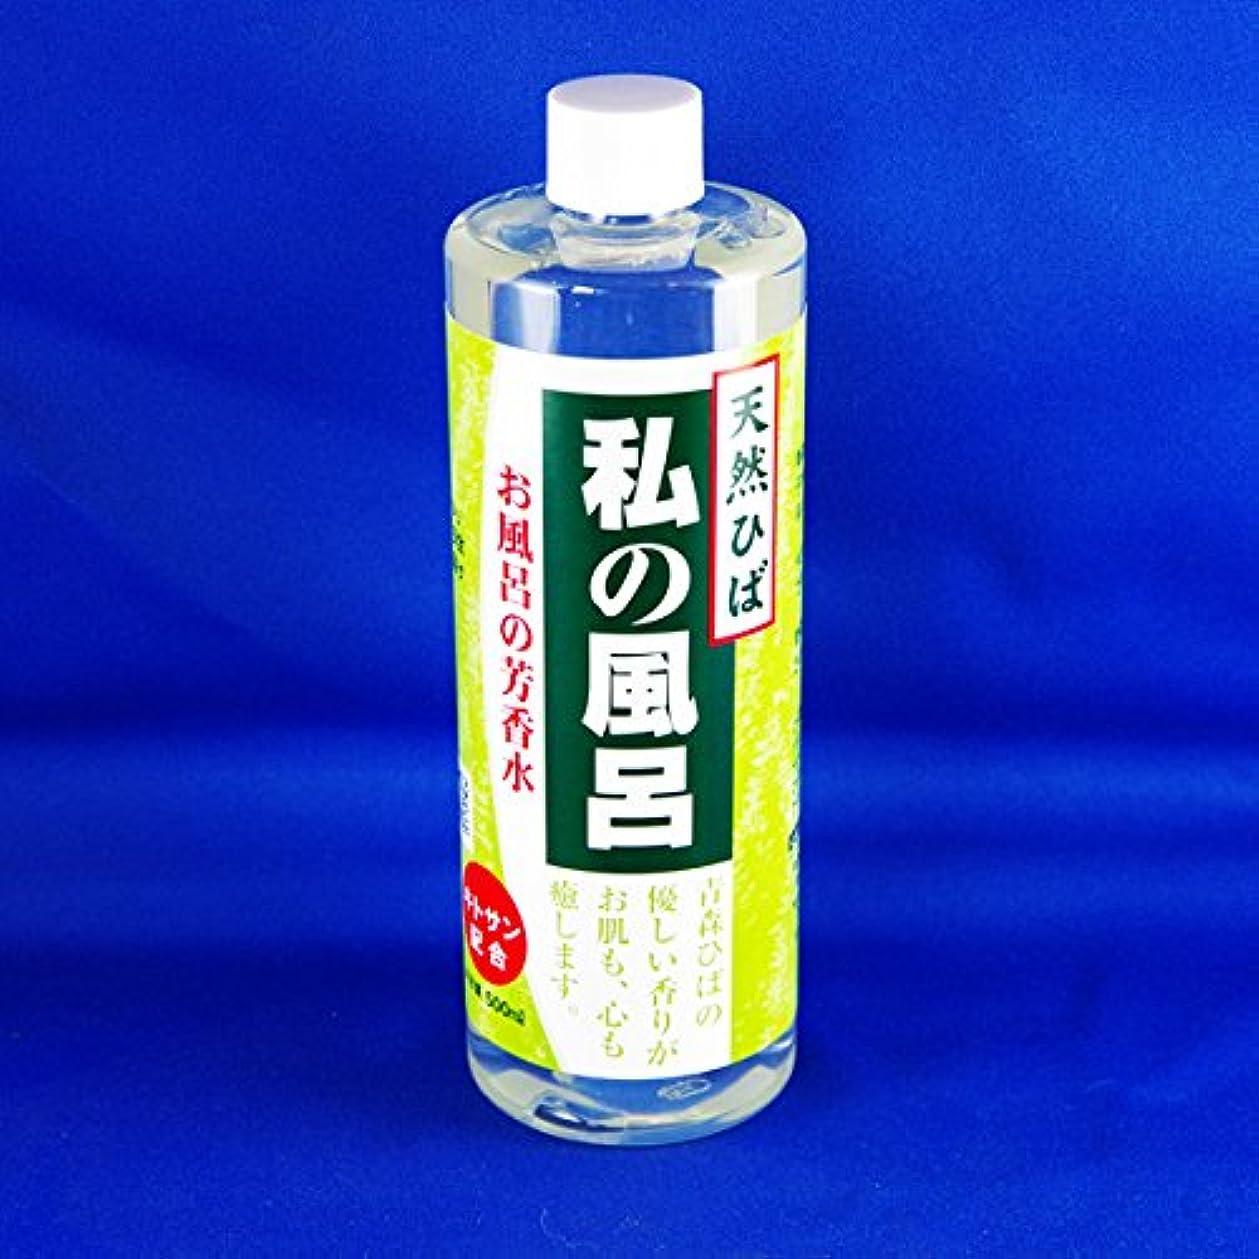 爆風損傷の量【入浴剤】青森ひば 私の風呂 500ml(高分子キトサン配合)